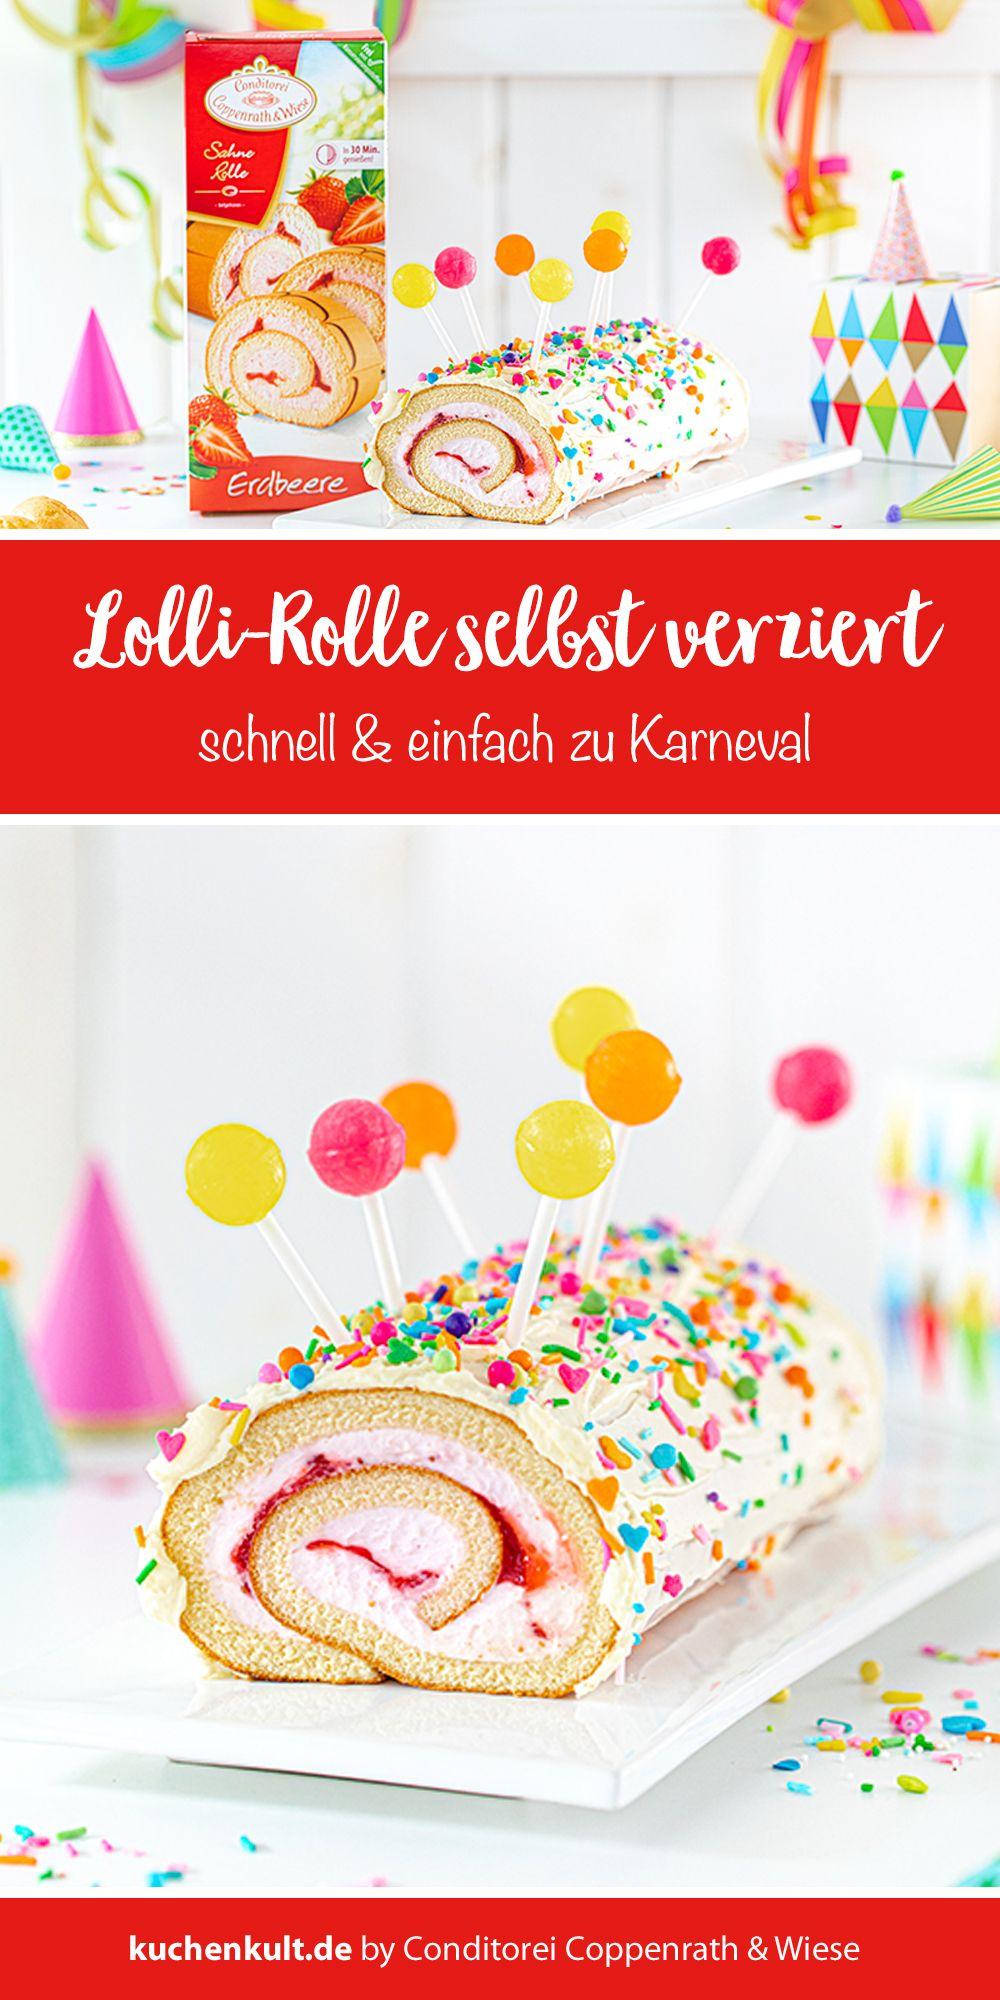 Kinderrezept Fur Eure Karnevalsparty Lolli Rolle In 2020 Rezepte Fur Kinder Karneval Essen Schneller Kuchen